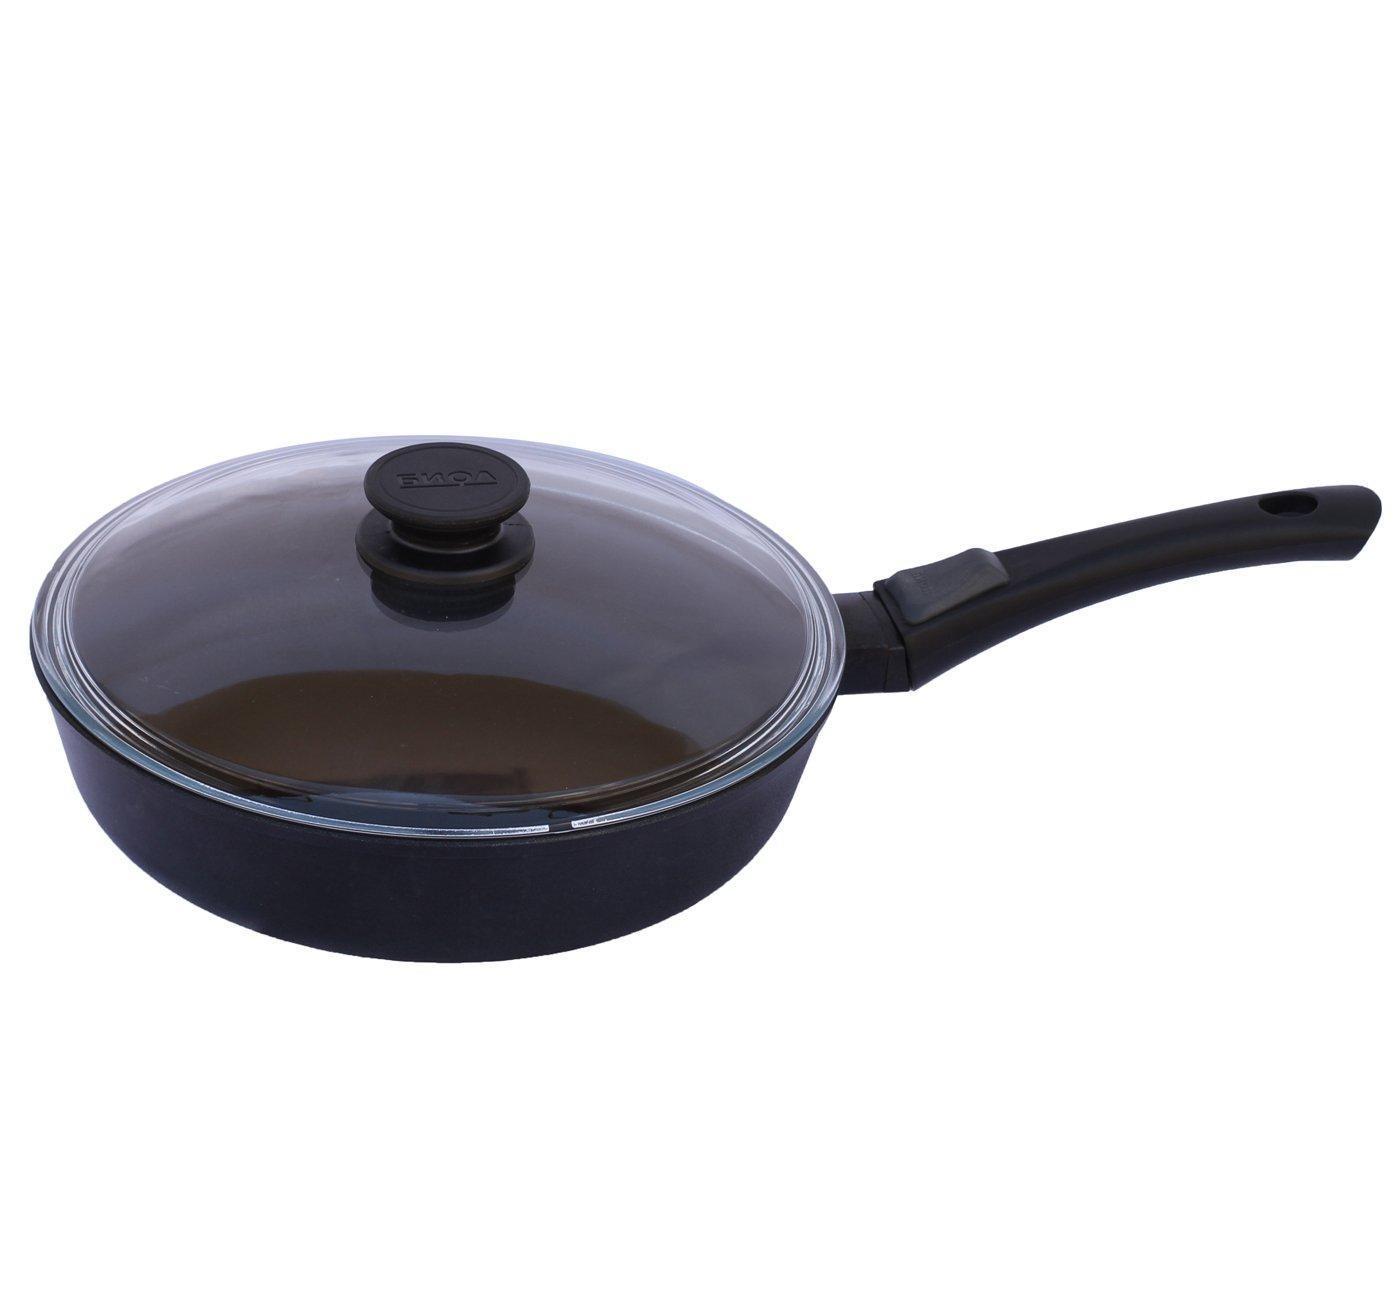 Сковорода со съёмной ручкой и стеклянной крышкой, 26 см., арт. 26071ПС